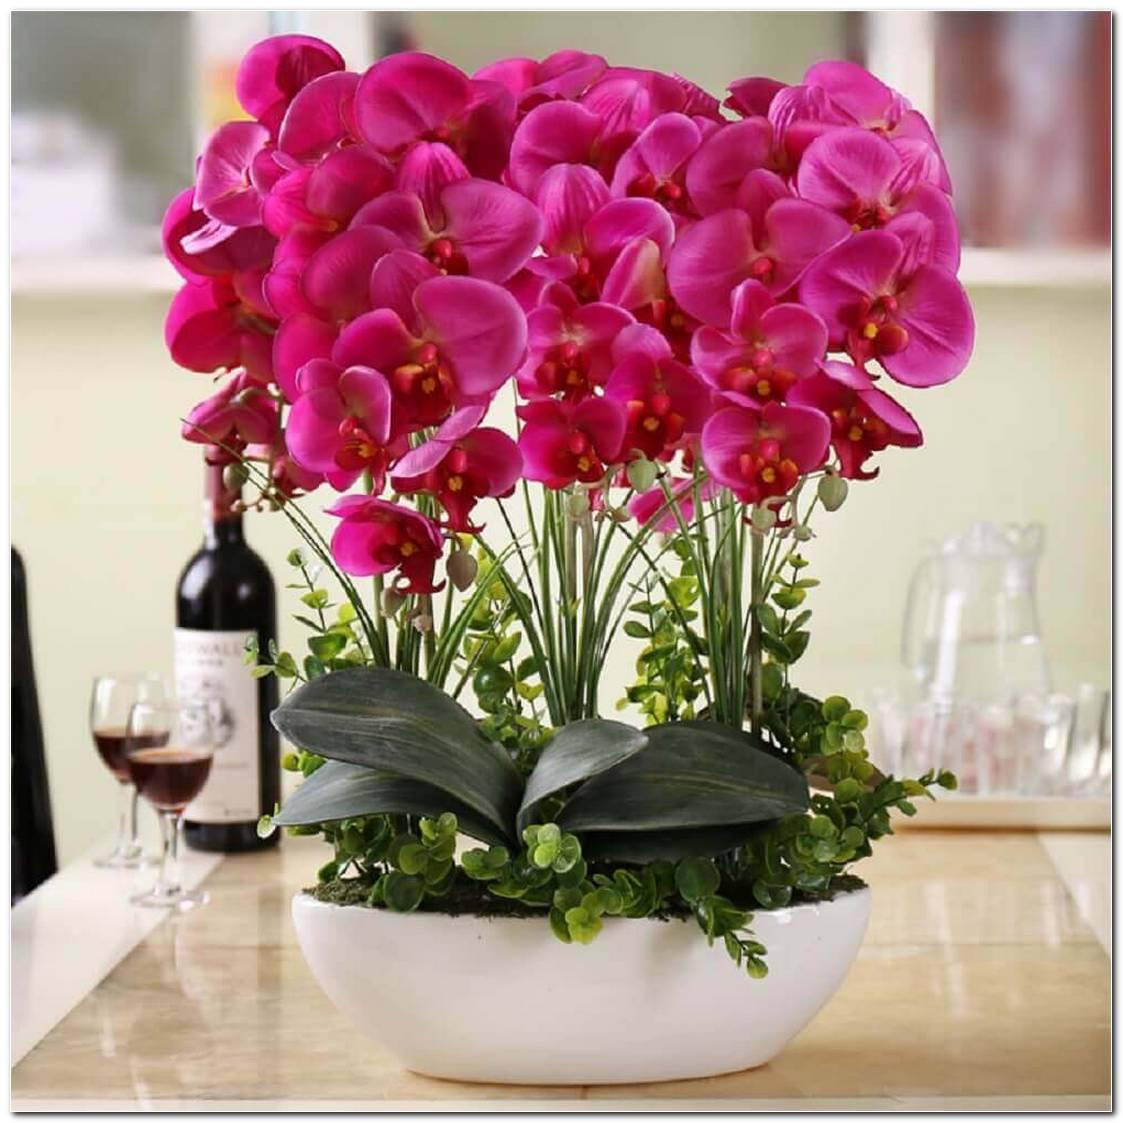 Flores Artificiais Saiba Como Usar As Flores E Veja Exemplos De Arranjos